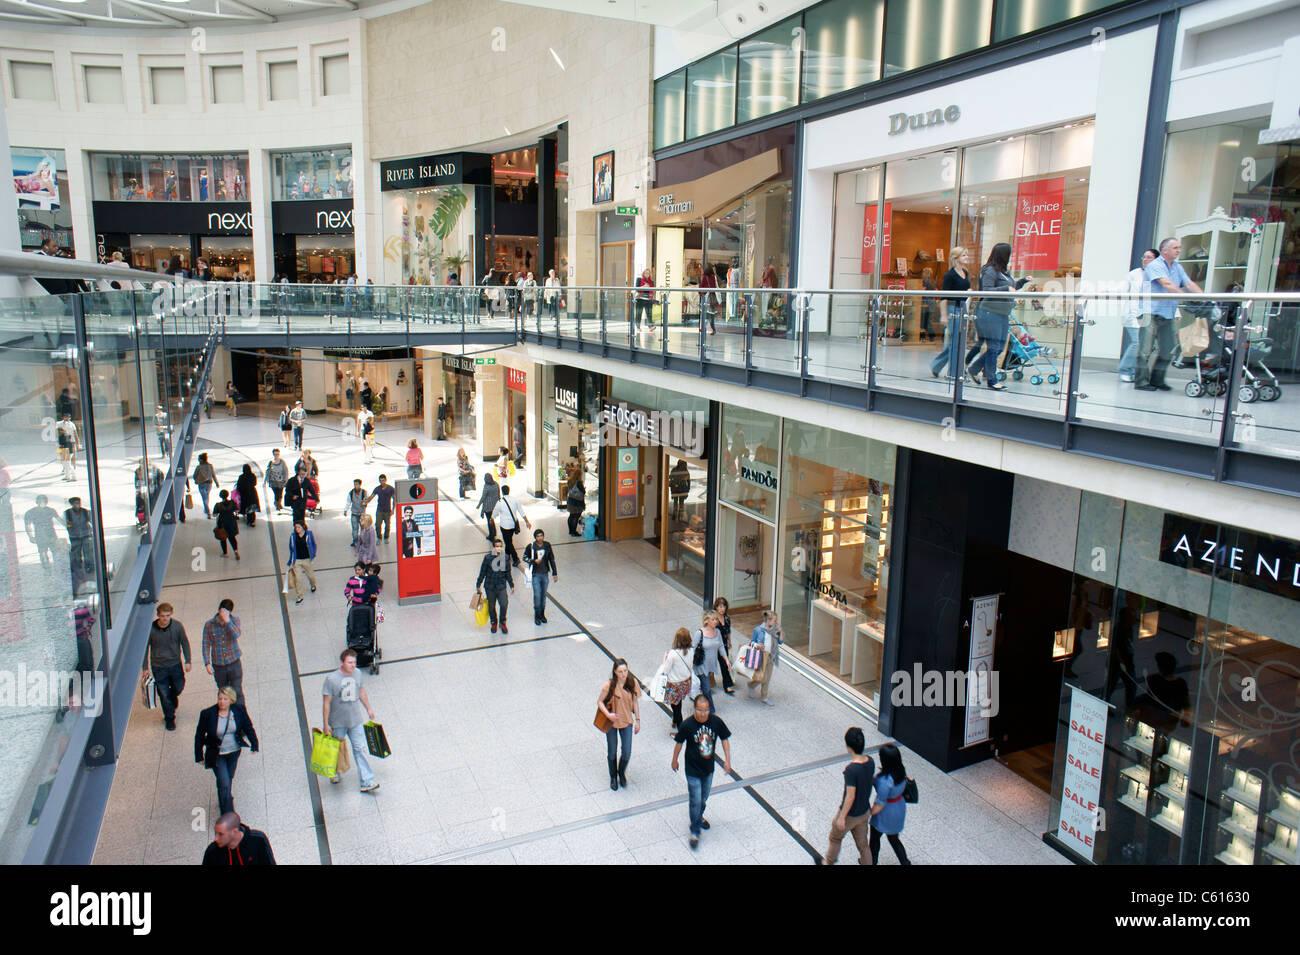 Arndale Centre, Manchester, Inghilterra. Gli amanti dello shopping e del commercio al dettaglio negozi outlet negozi Immagini Stock